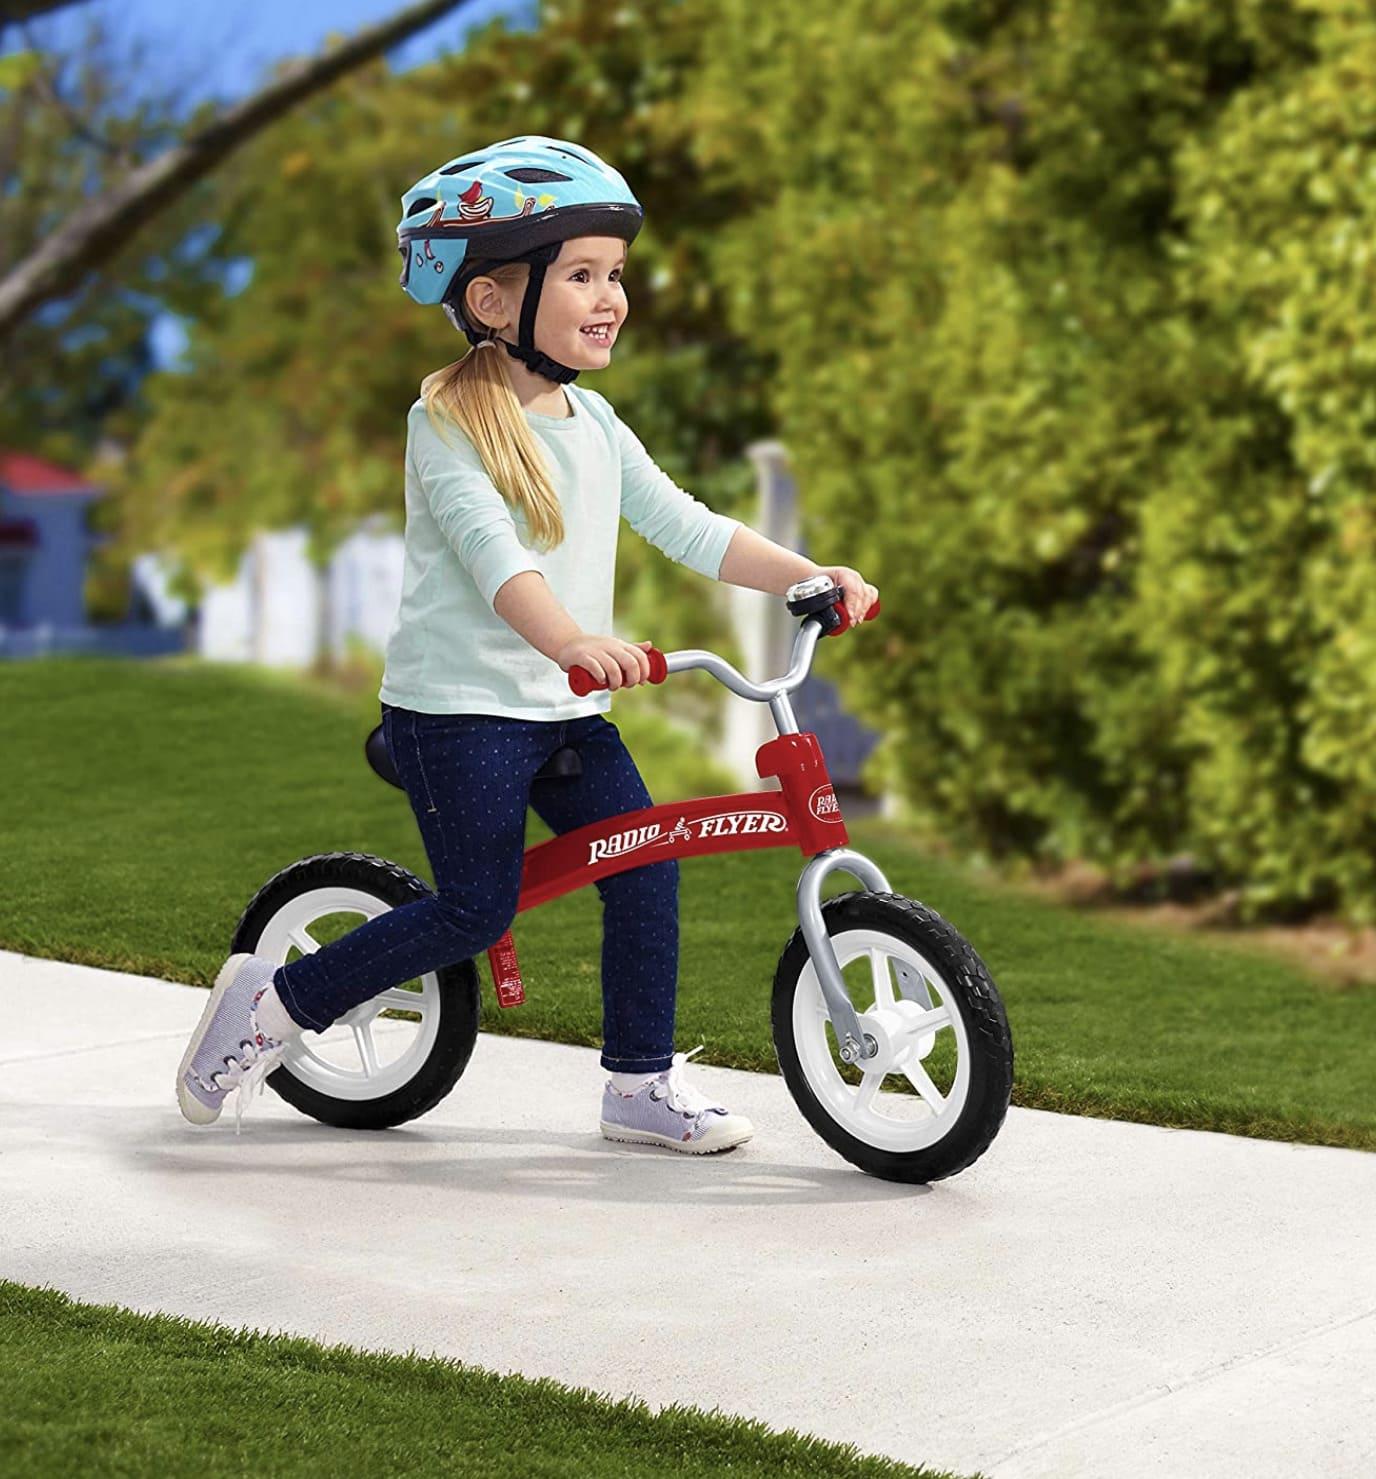 Niña conduciendo su bicicleta sin pedales Radio flyer